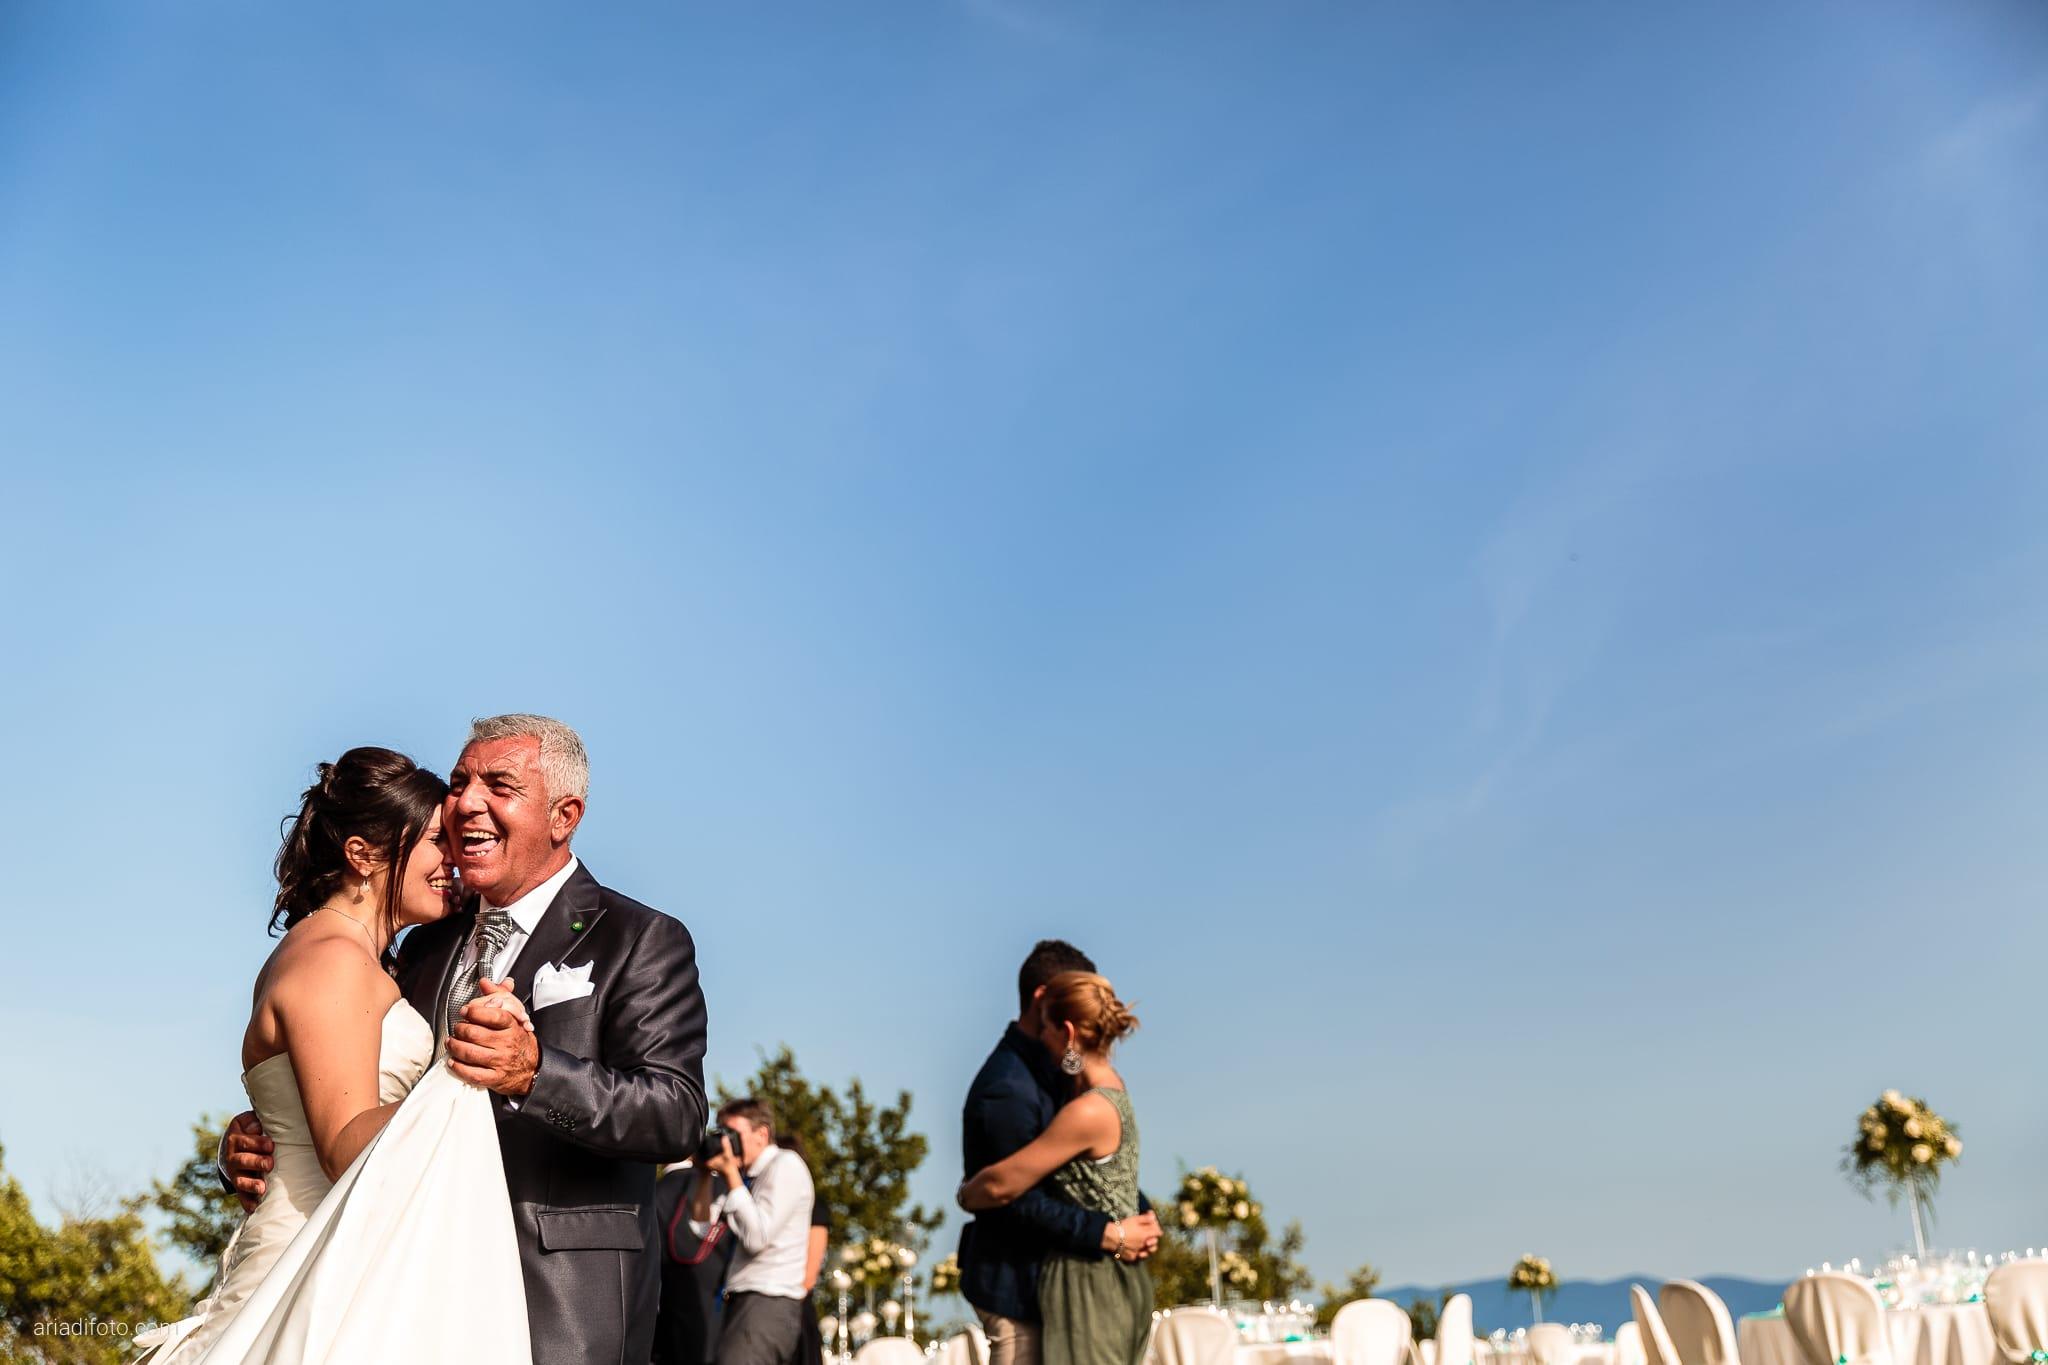 Chiara Mensur matrimonio Pradamano Baronesse Tacco San Floriano del Collio Gorizia ricevimento primo ballo papà